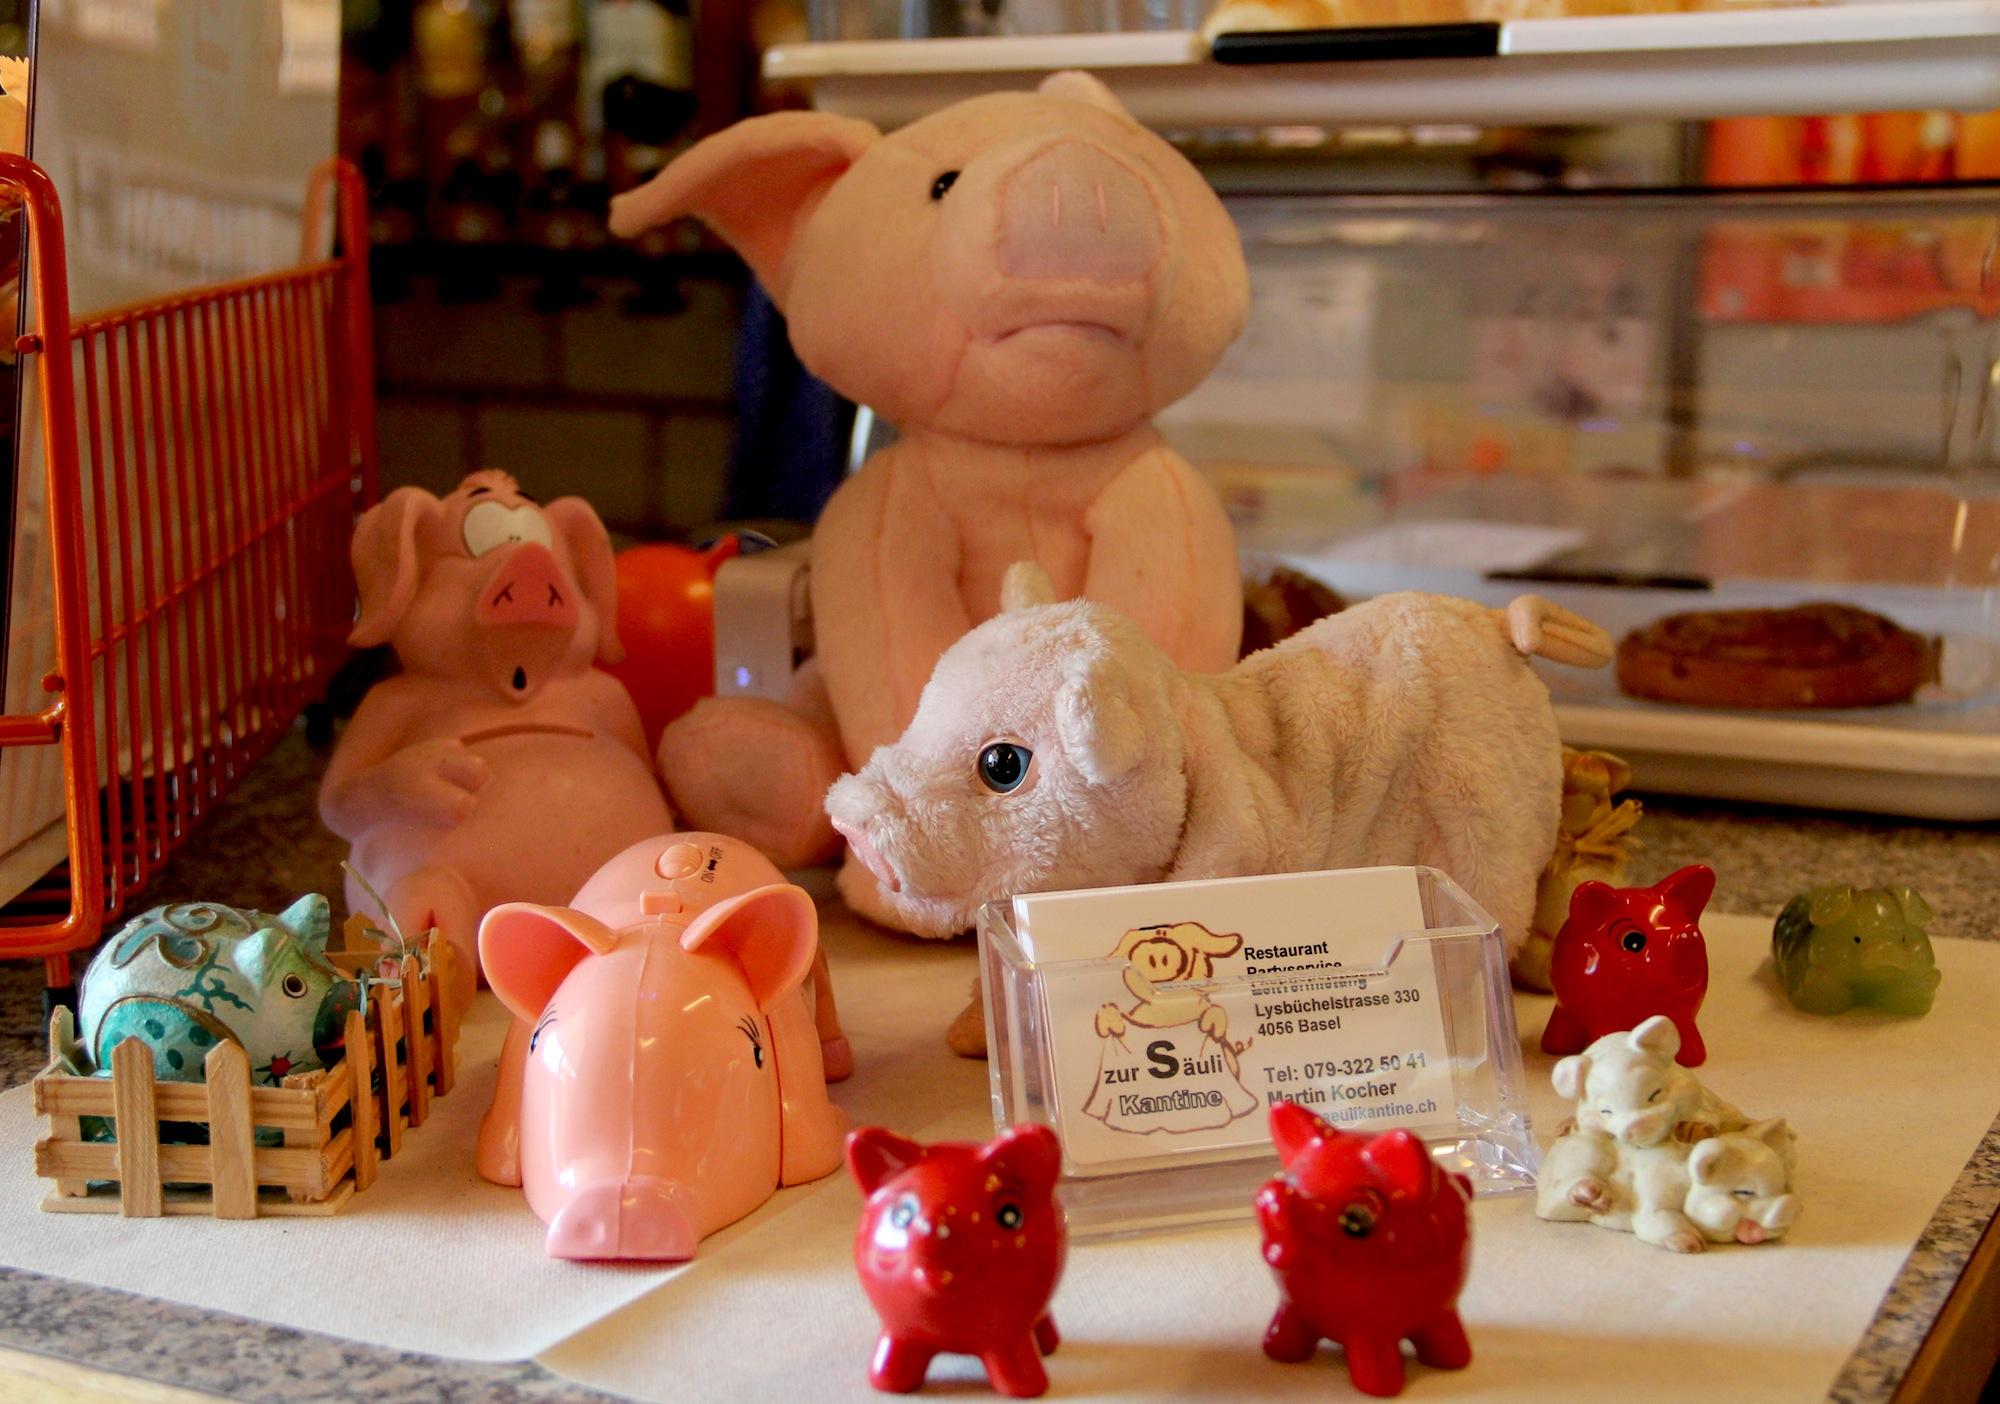 Es waren die Gäste, welche all diese Schweine mitbrachten: Seit 2002 ist die Sammlung ordentlich gewachsen.